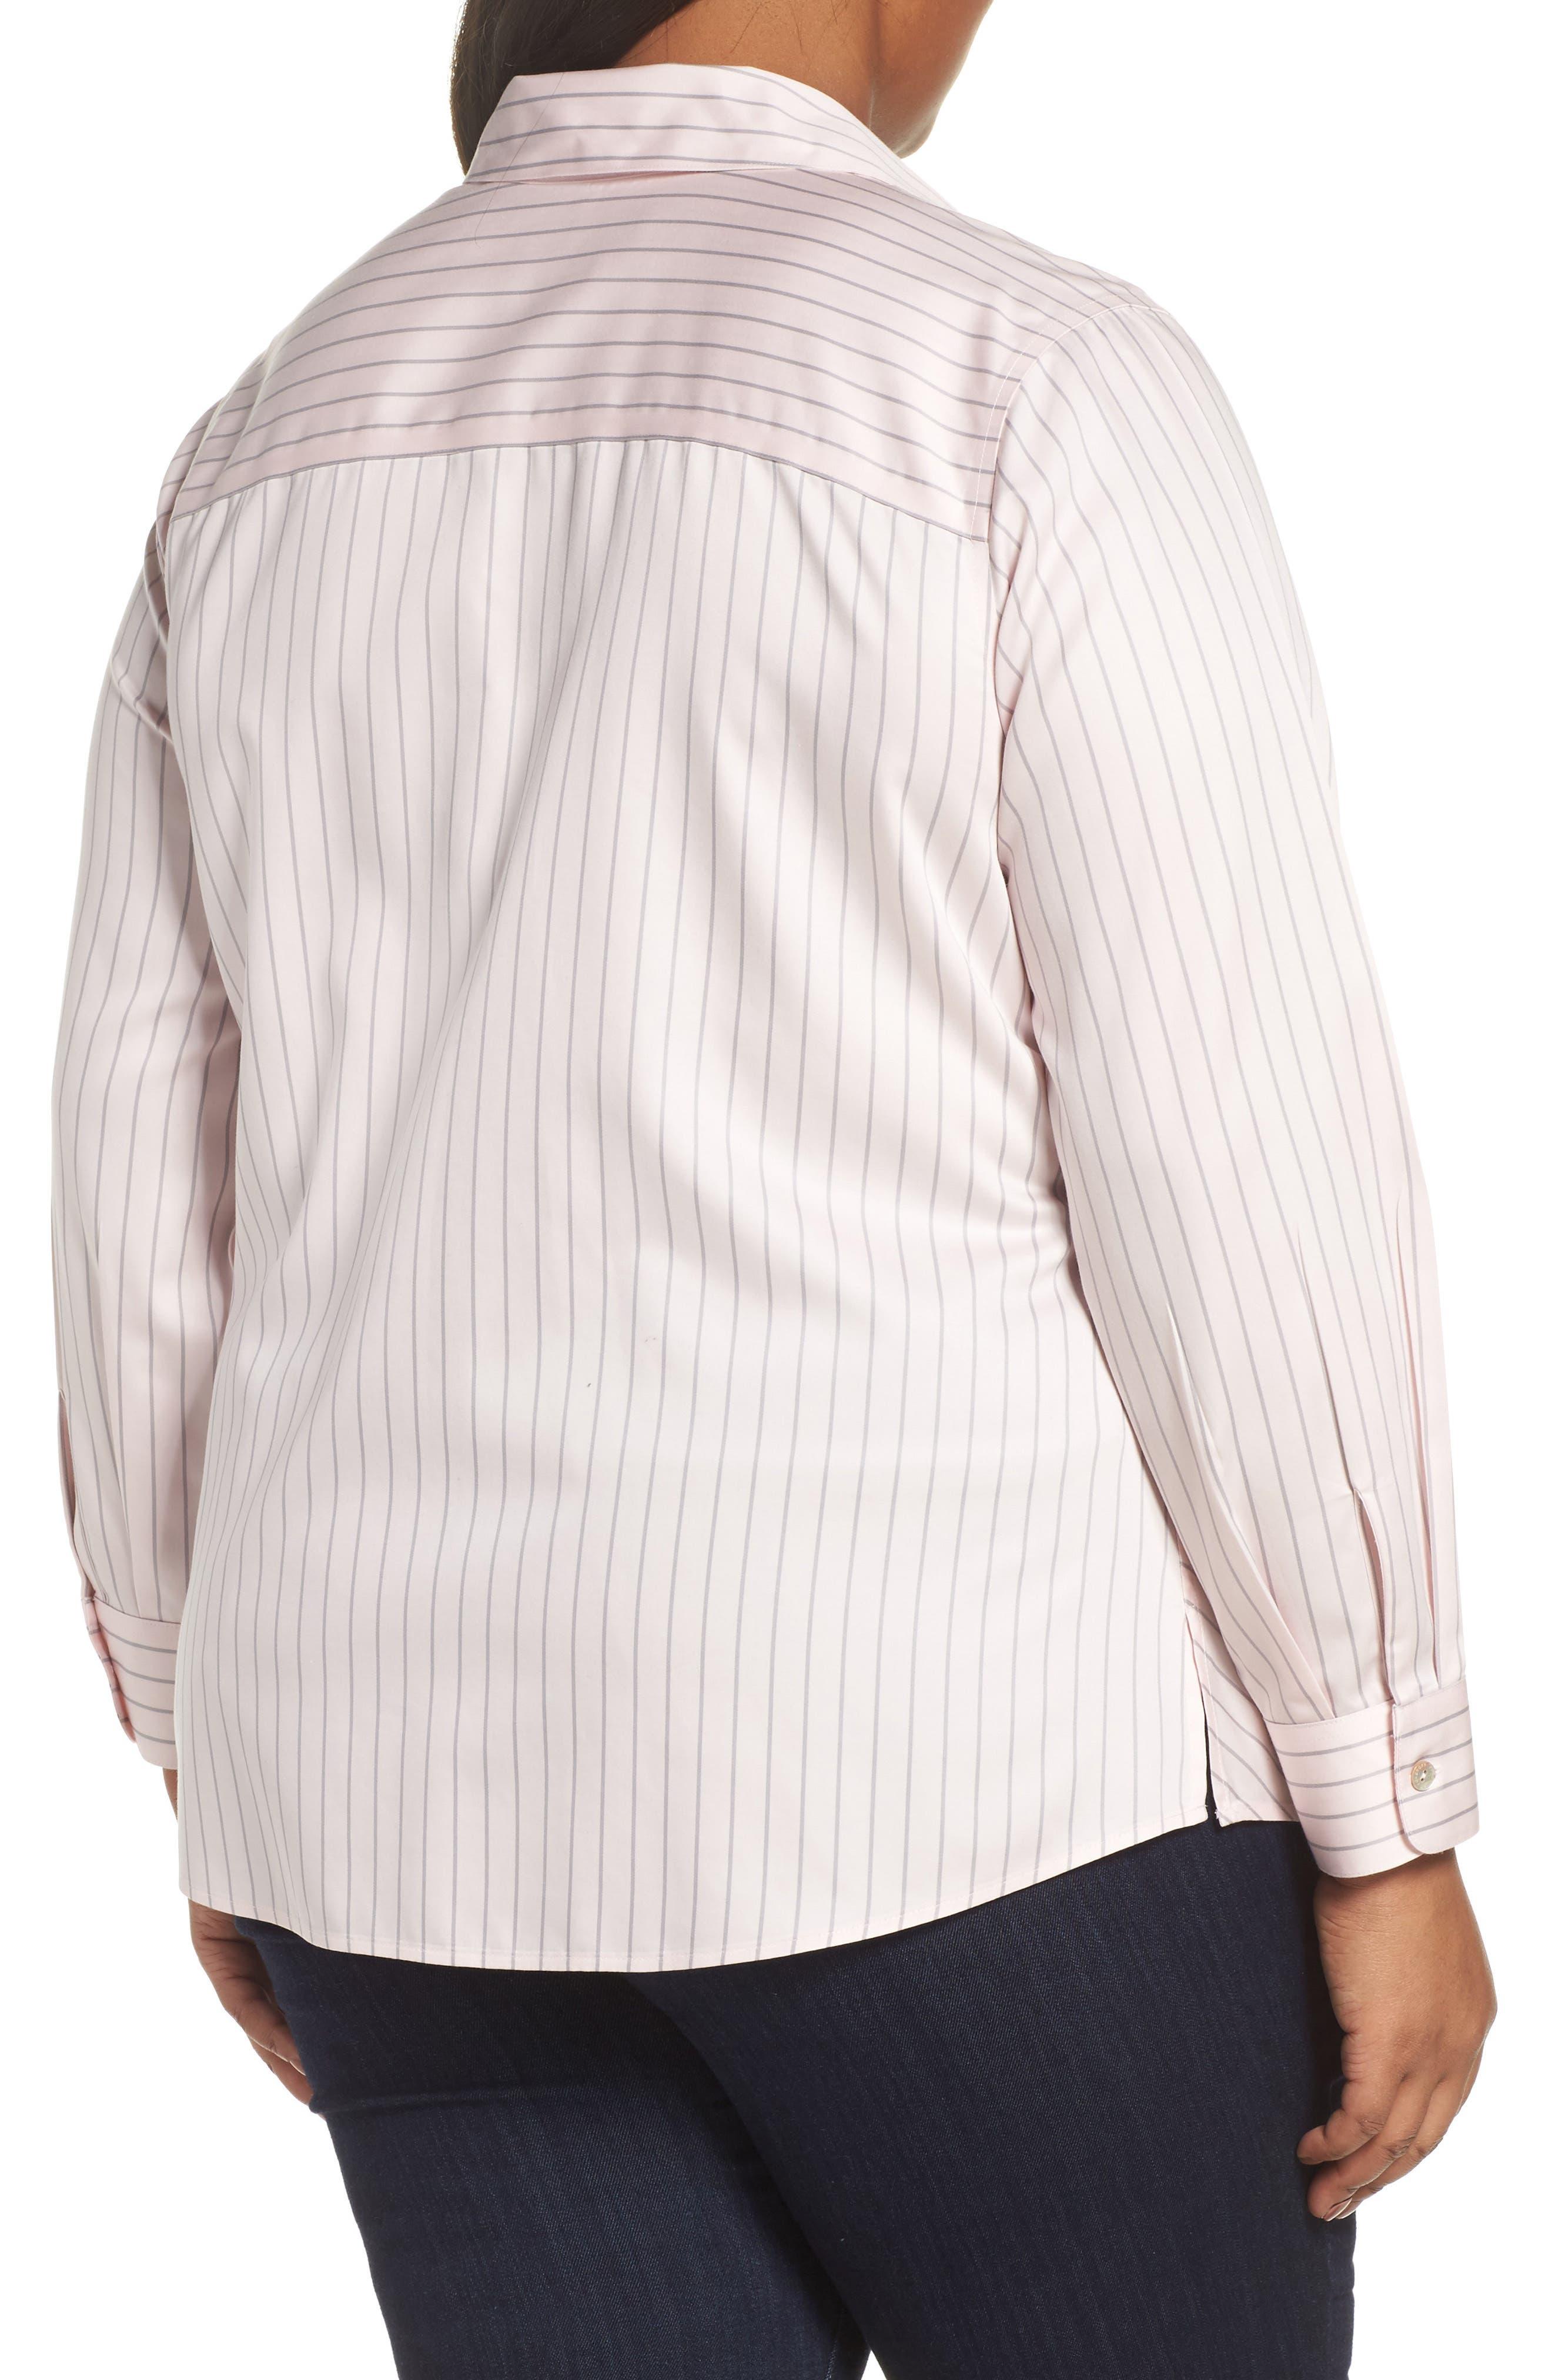 Monica Classic Stripe Shirt,                             Alternate thumbnail 2, color,                             BLUSH